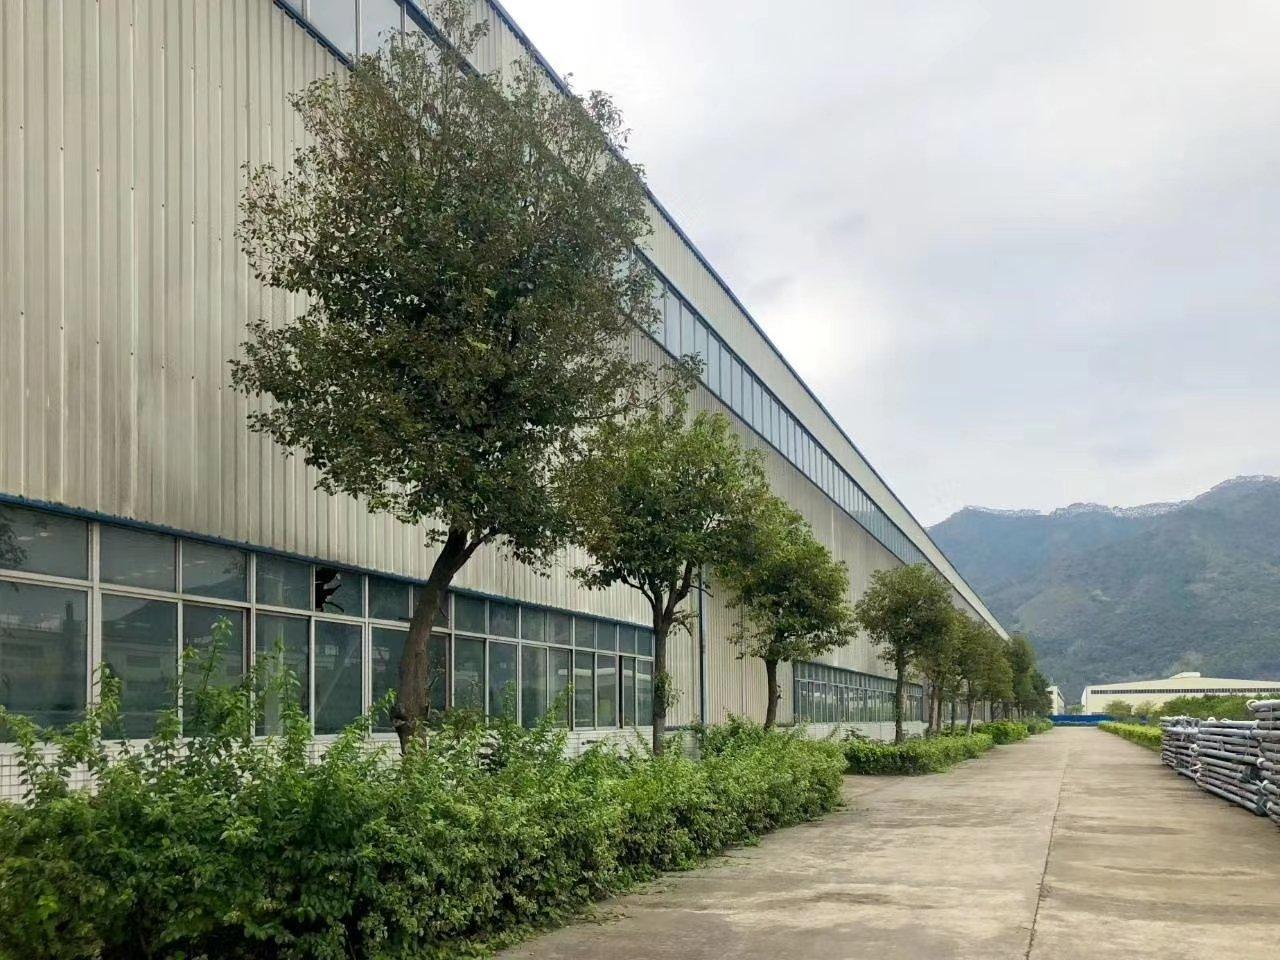 肇庆金利镇花园厂房70000平方钢构有房产证蒸汽管道天然气管-图5